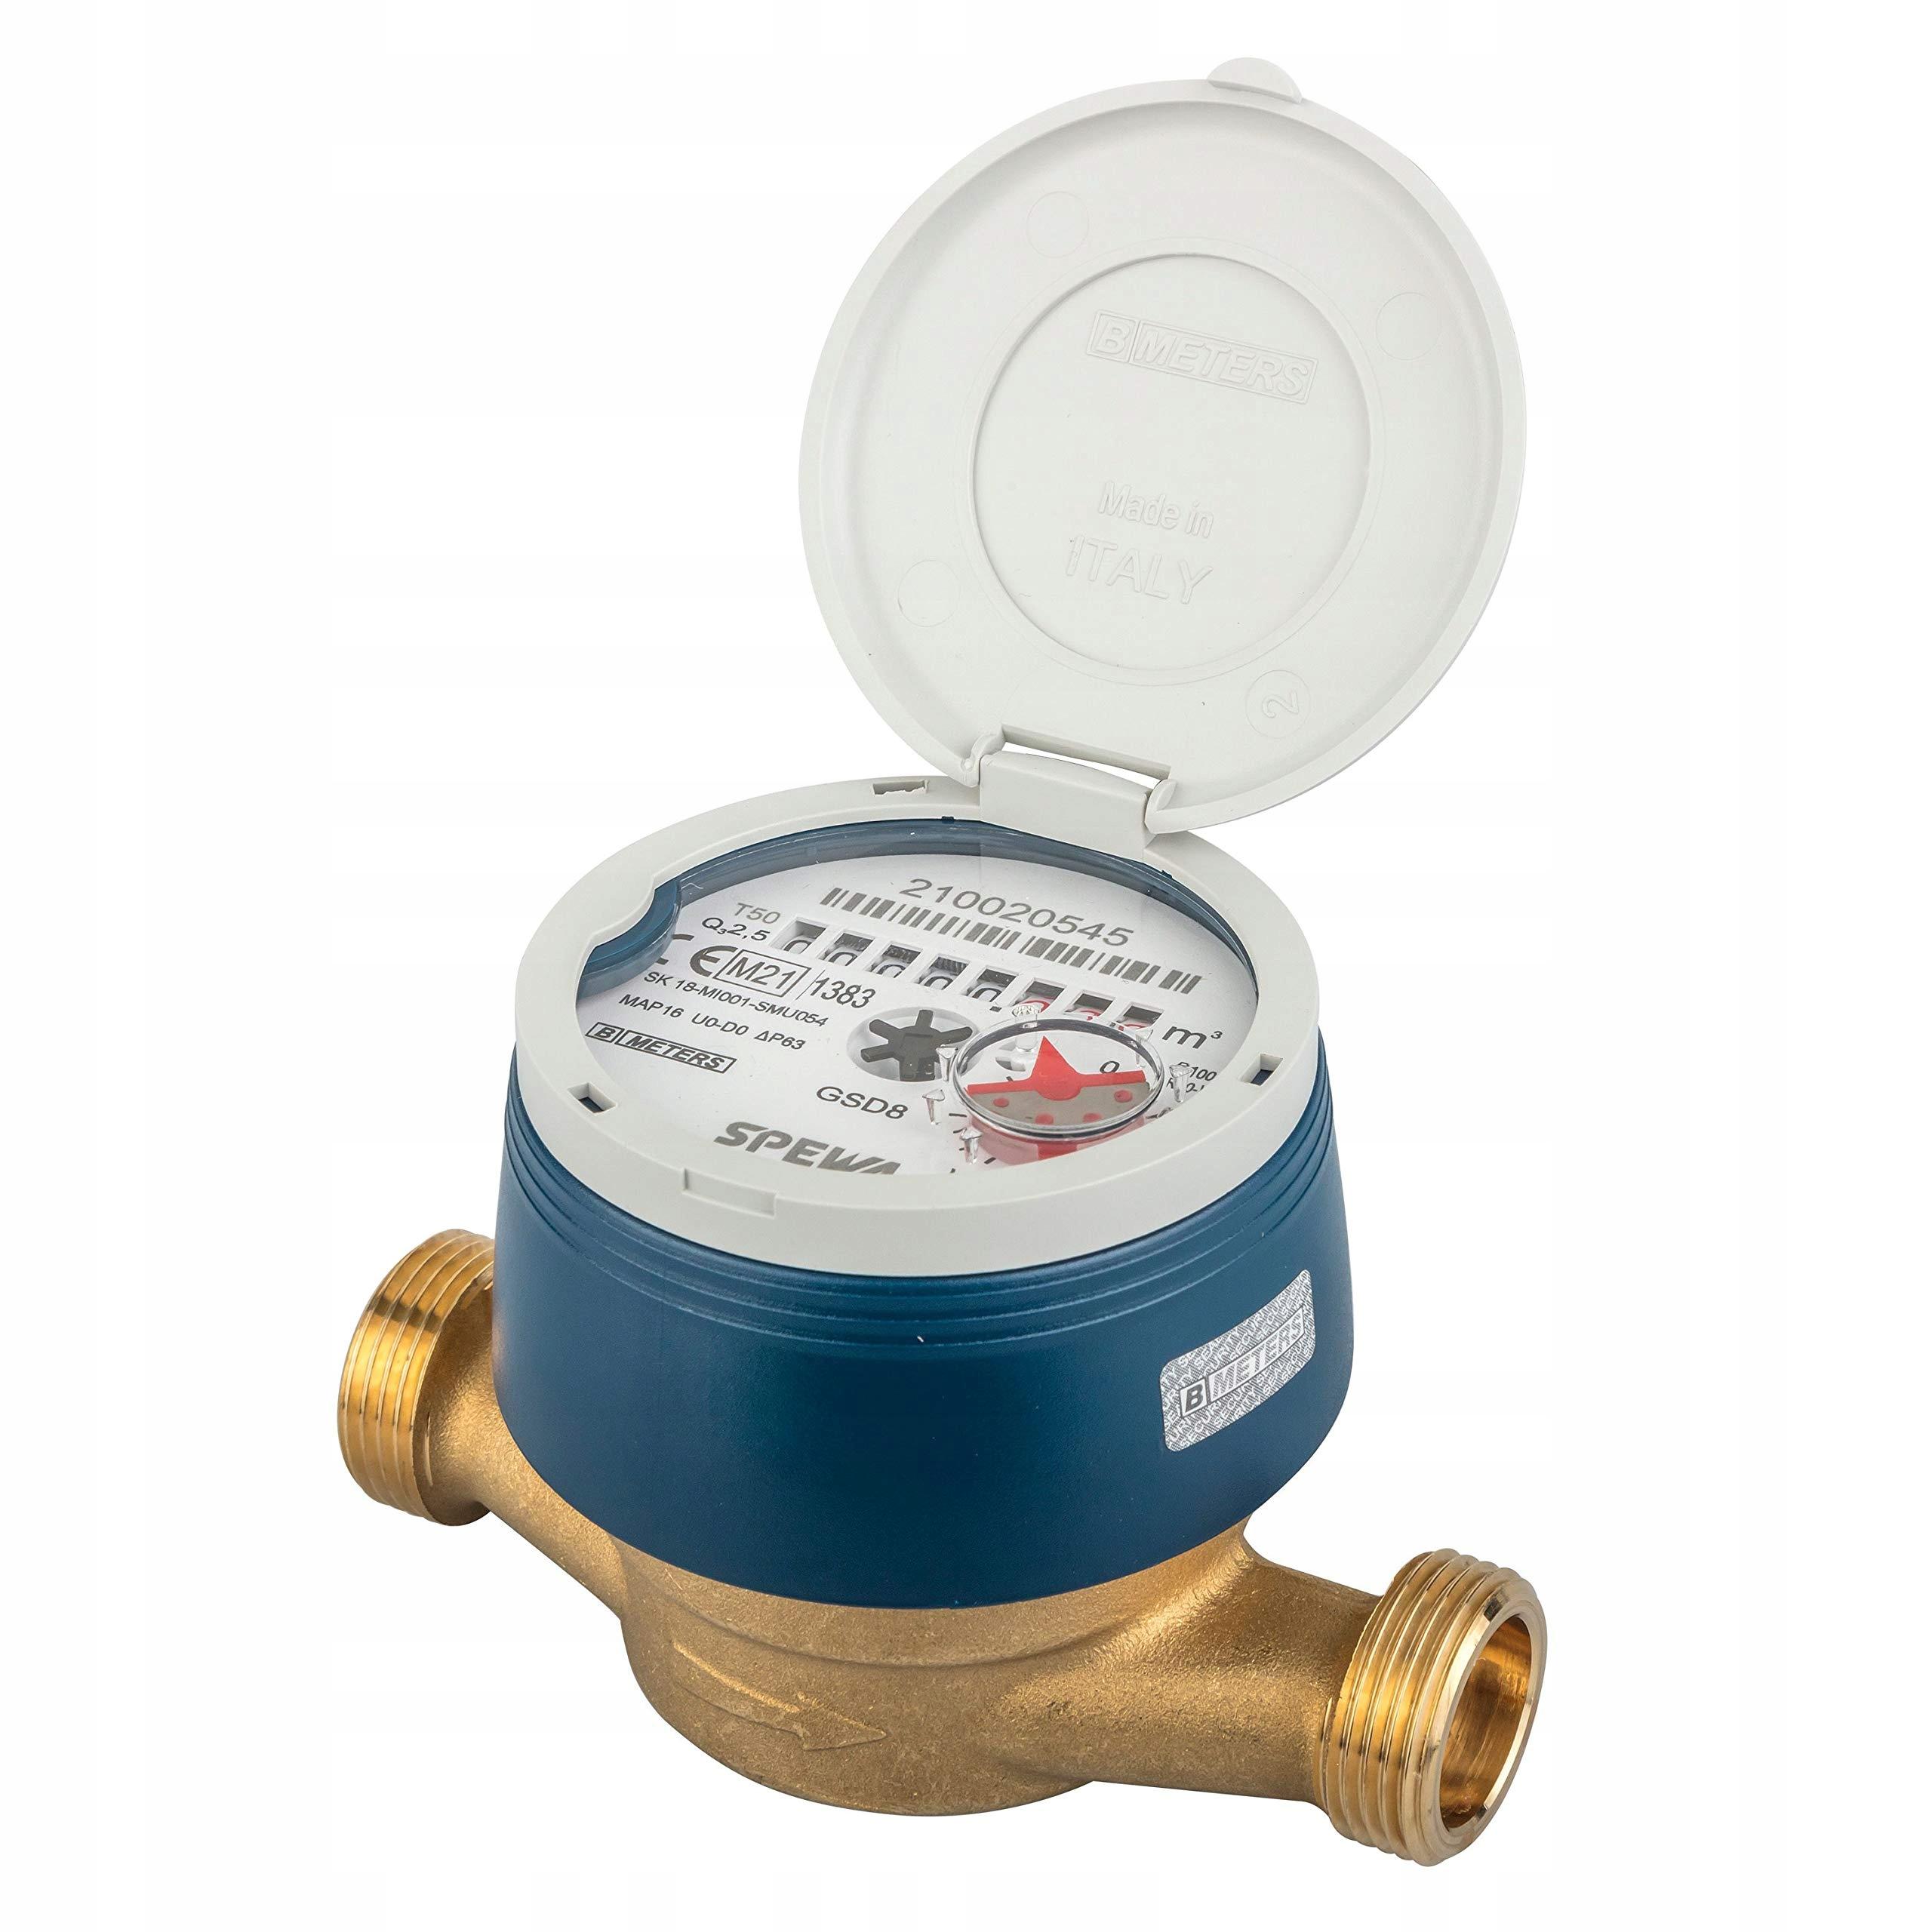 Счетчик воды с защитной крышкой 3/4 дюйма от УФ-излучения